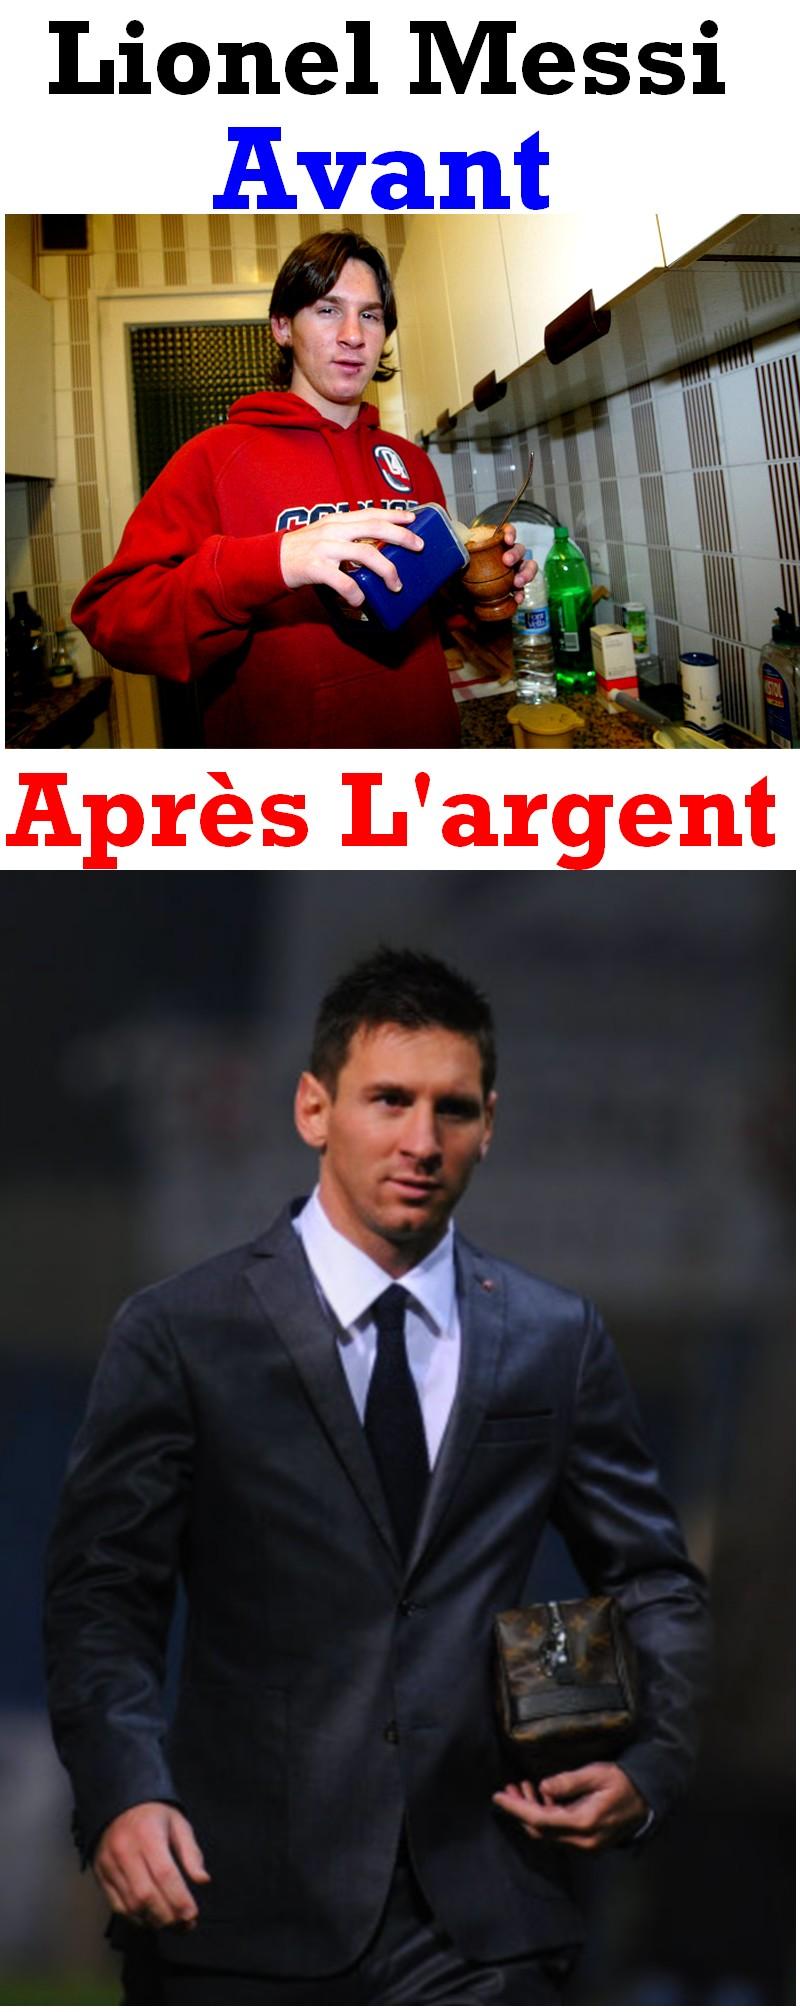 La Pulga De Las Vegas >> Lionel Messi Avant Et Après L'argent – Image Lien